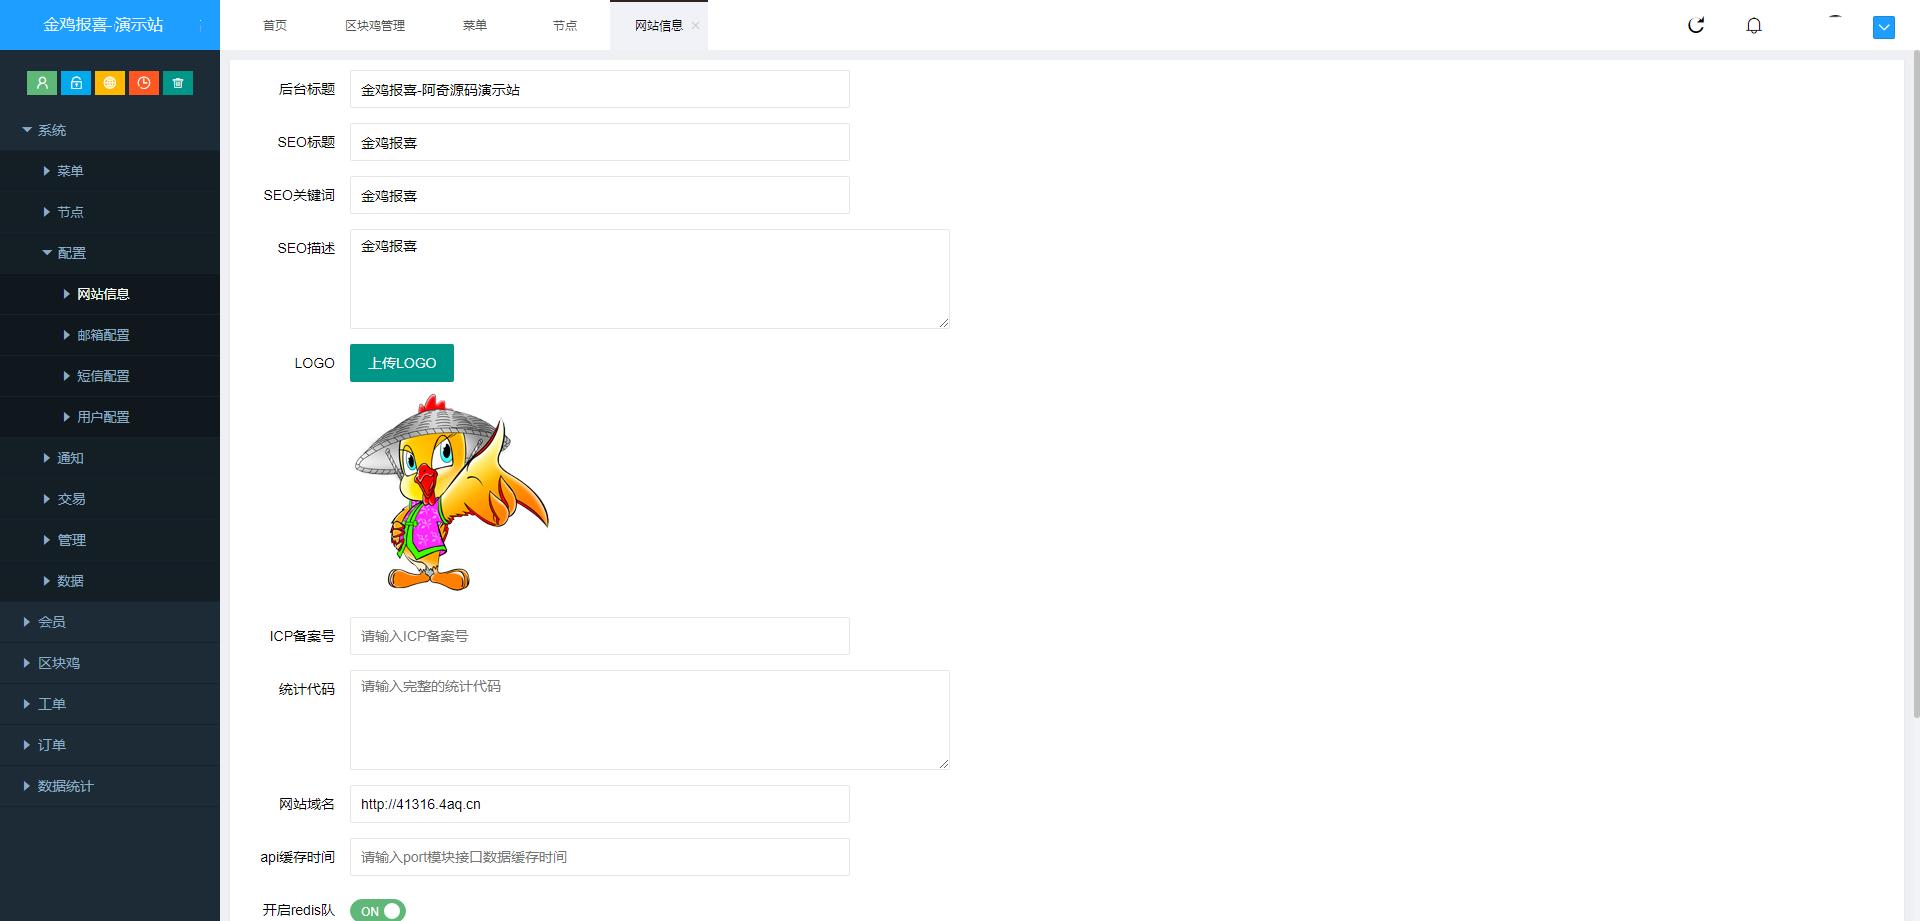 最新升级UI区块链鸡区块链系统源码区块链小宠物培养饲养带构建实例教程源码插图4